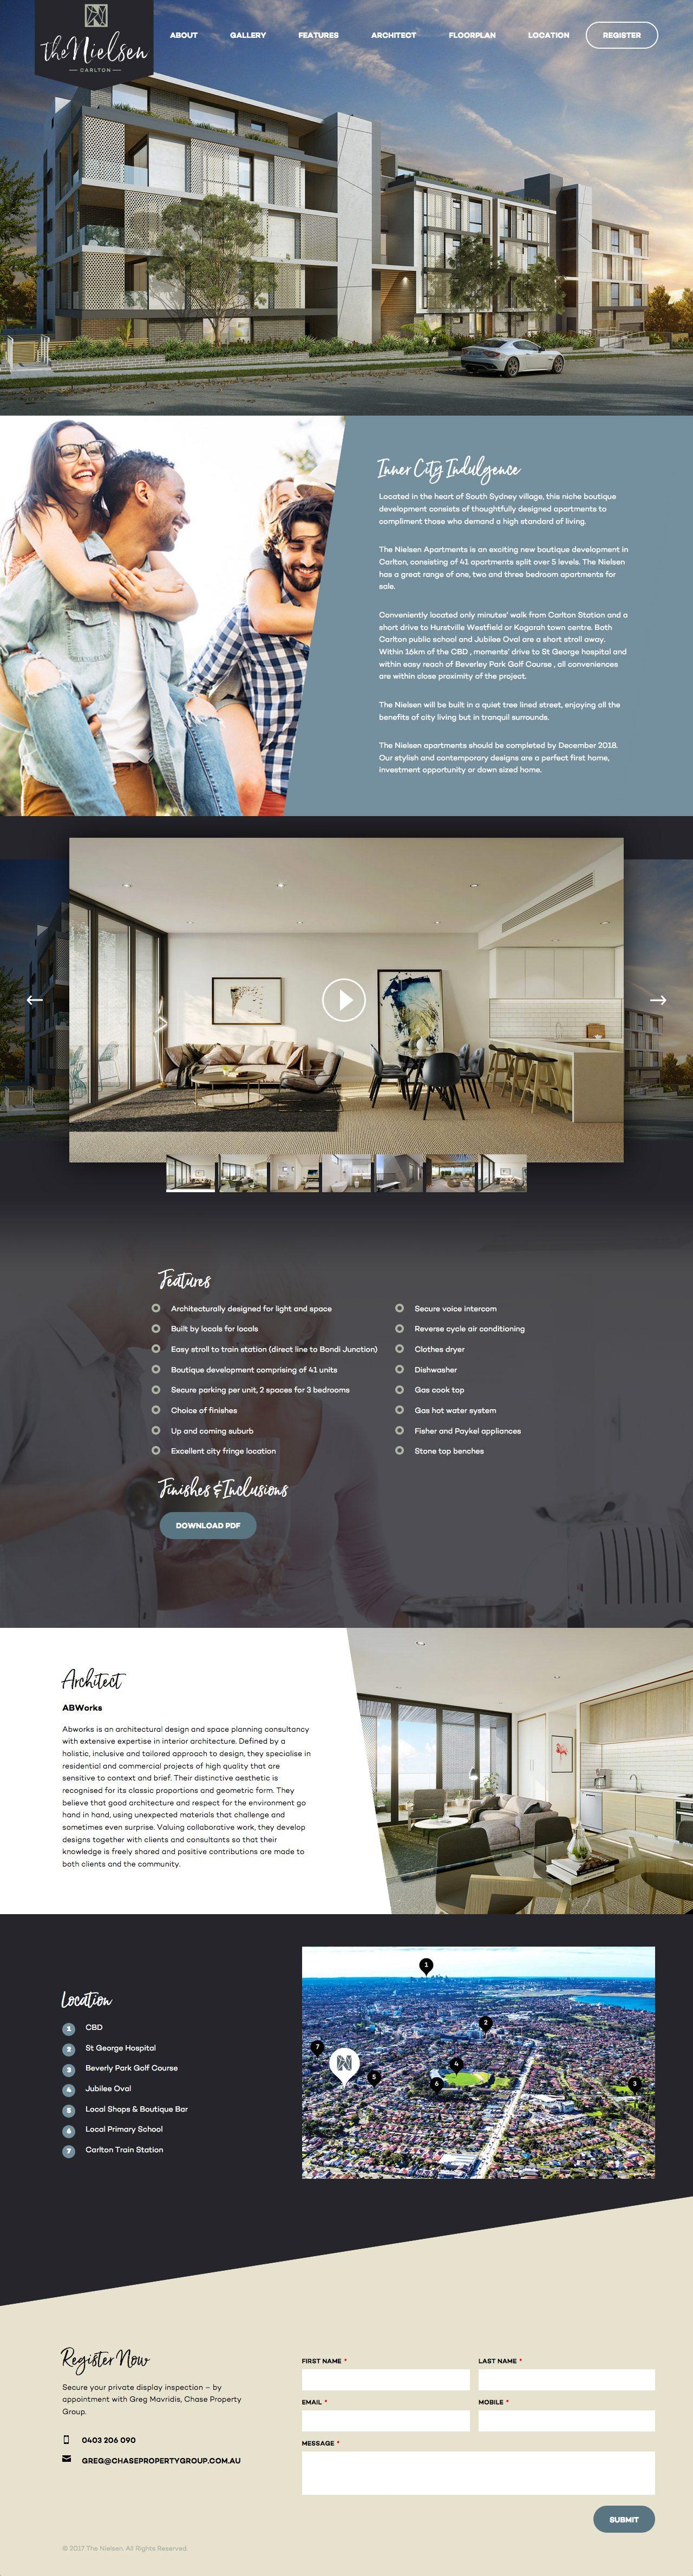 The Nielsen website homepage